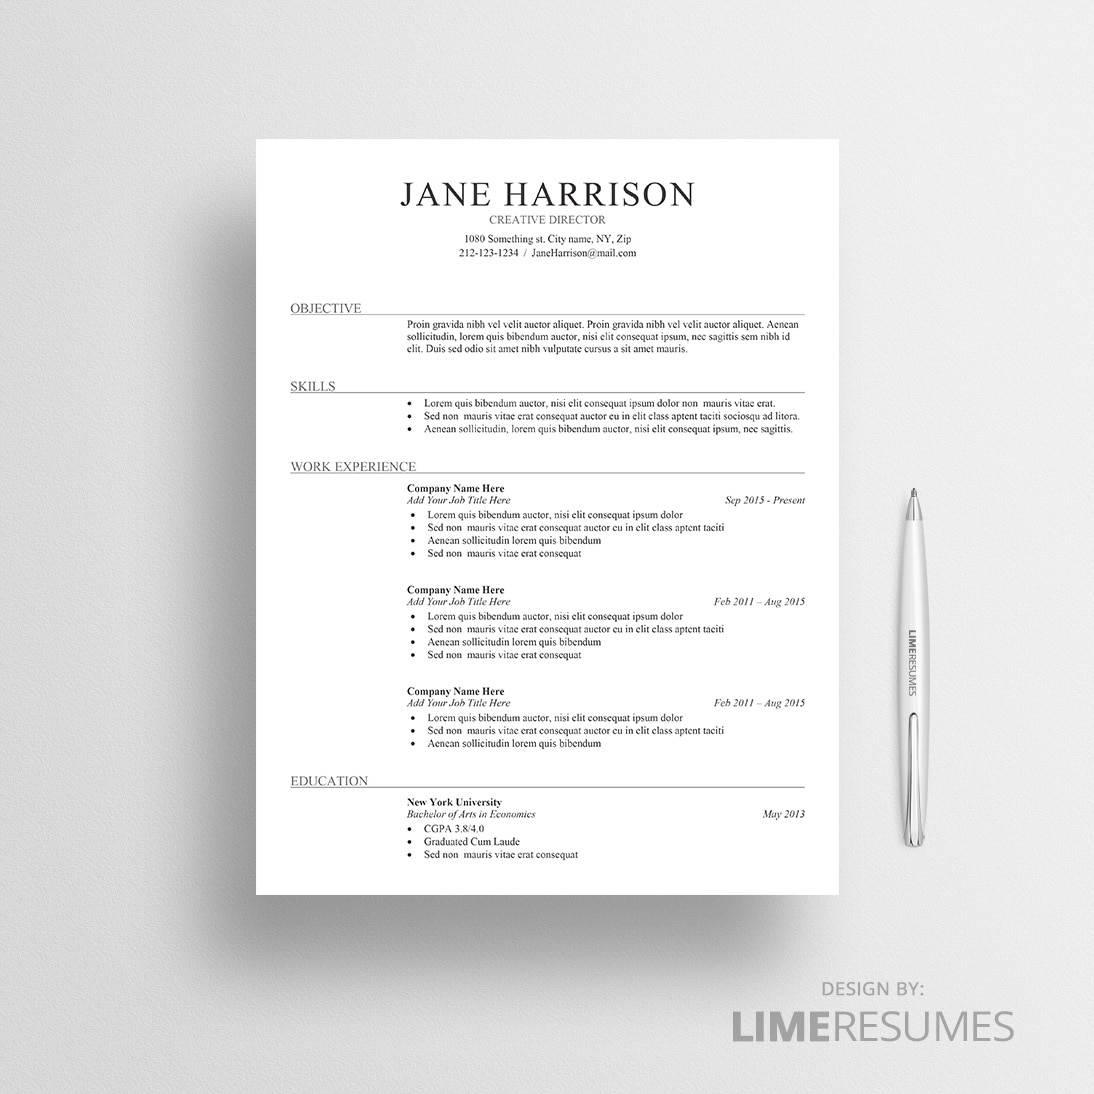 ATS resume template